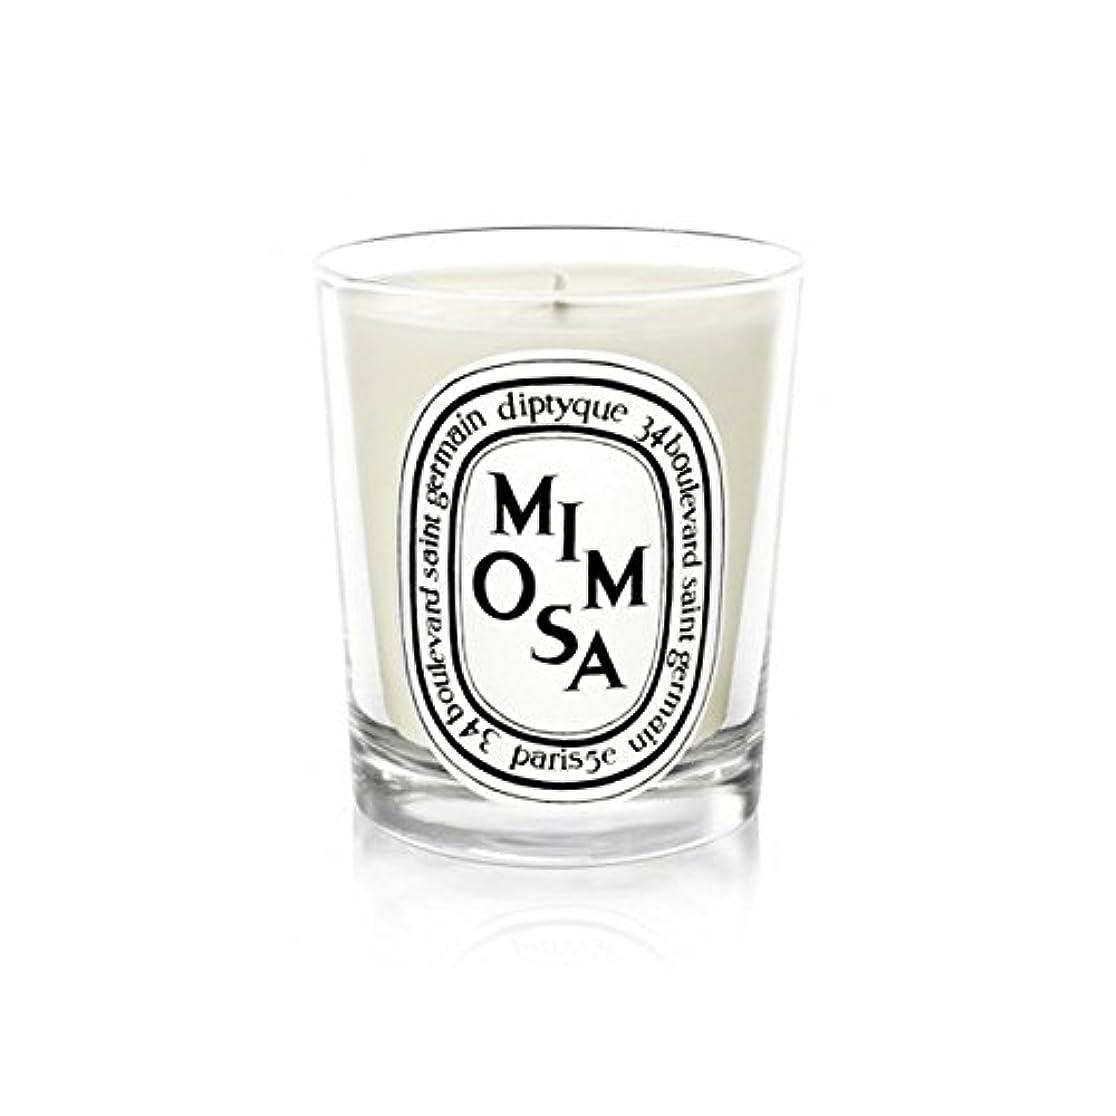 シエスタ呼吸するベルDiptyqueキャンドルミモザ/ミモザ190グラム - Diptyque Candle Mimosa / Mimosa 190g (Diptyque) [並行輸入品]